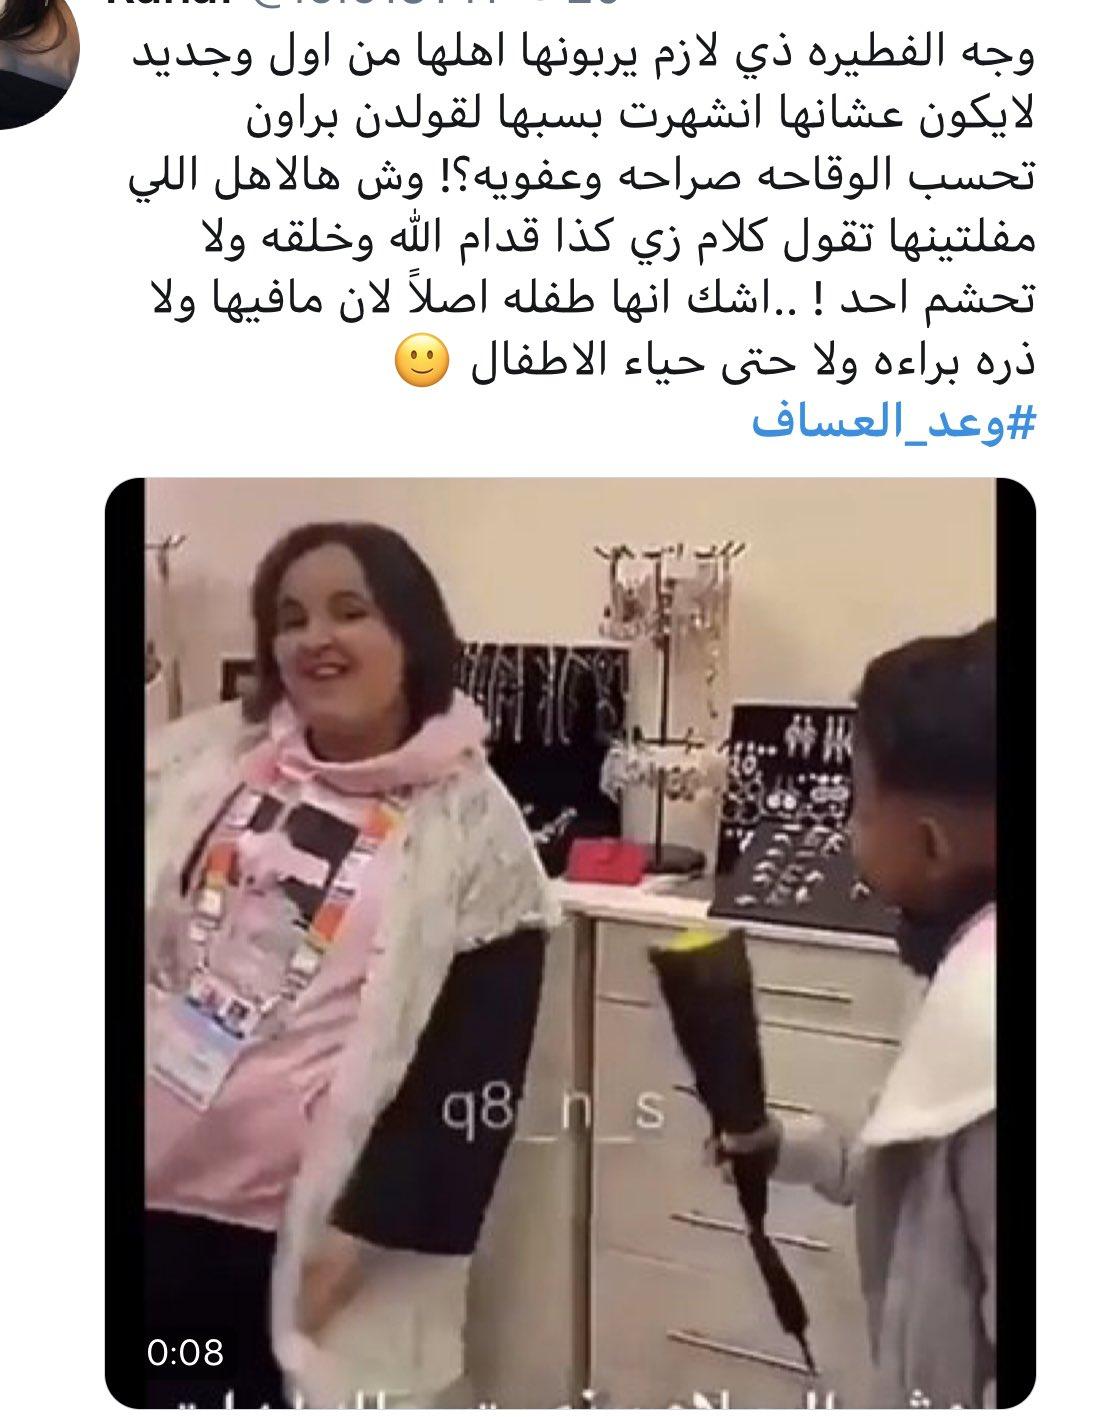 وعد العساف وأسطورة الرياض , وعد العساف سناب , وعد العساف واسطورة العزيزية